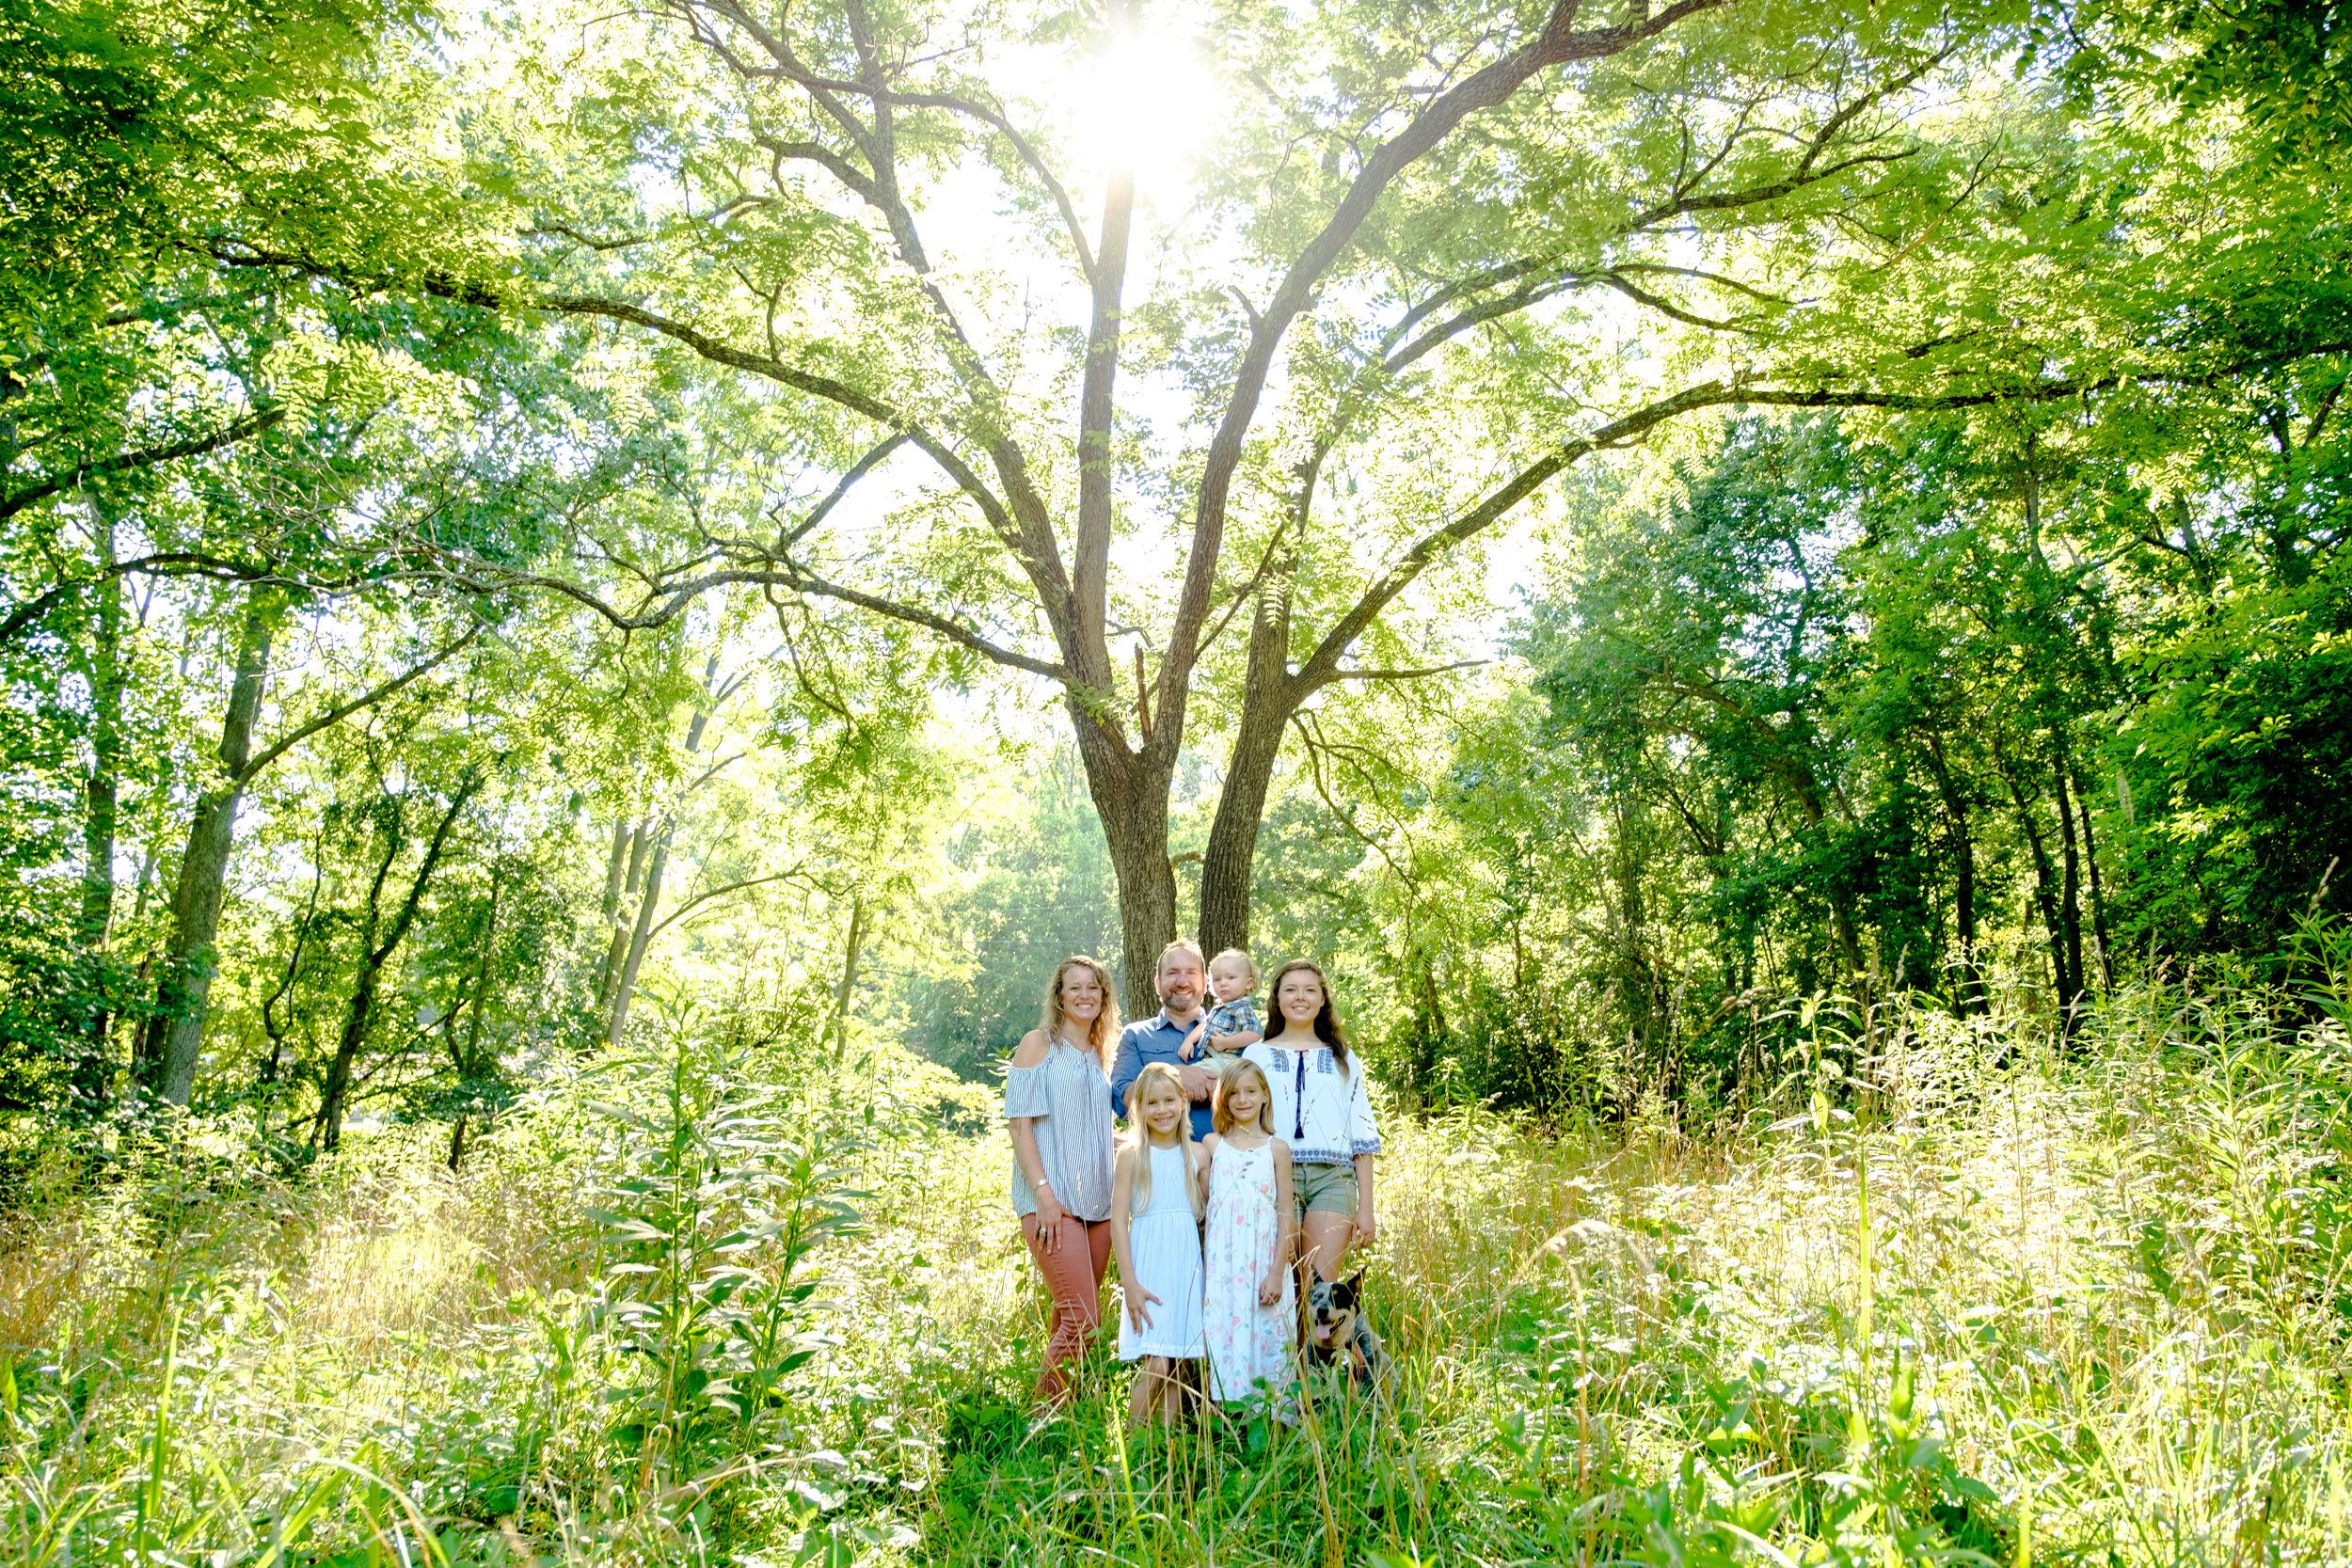 TheSmythCollective-Best-Cincinnati-Family-Photographer-027.jpg